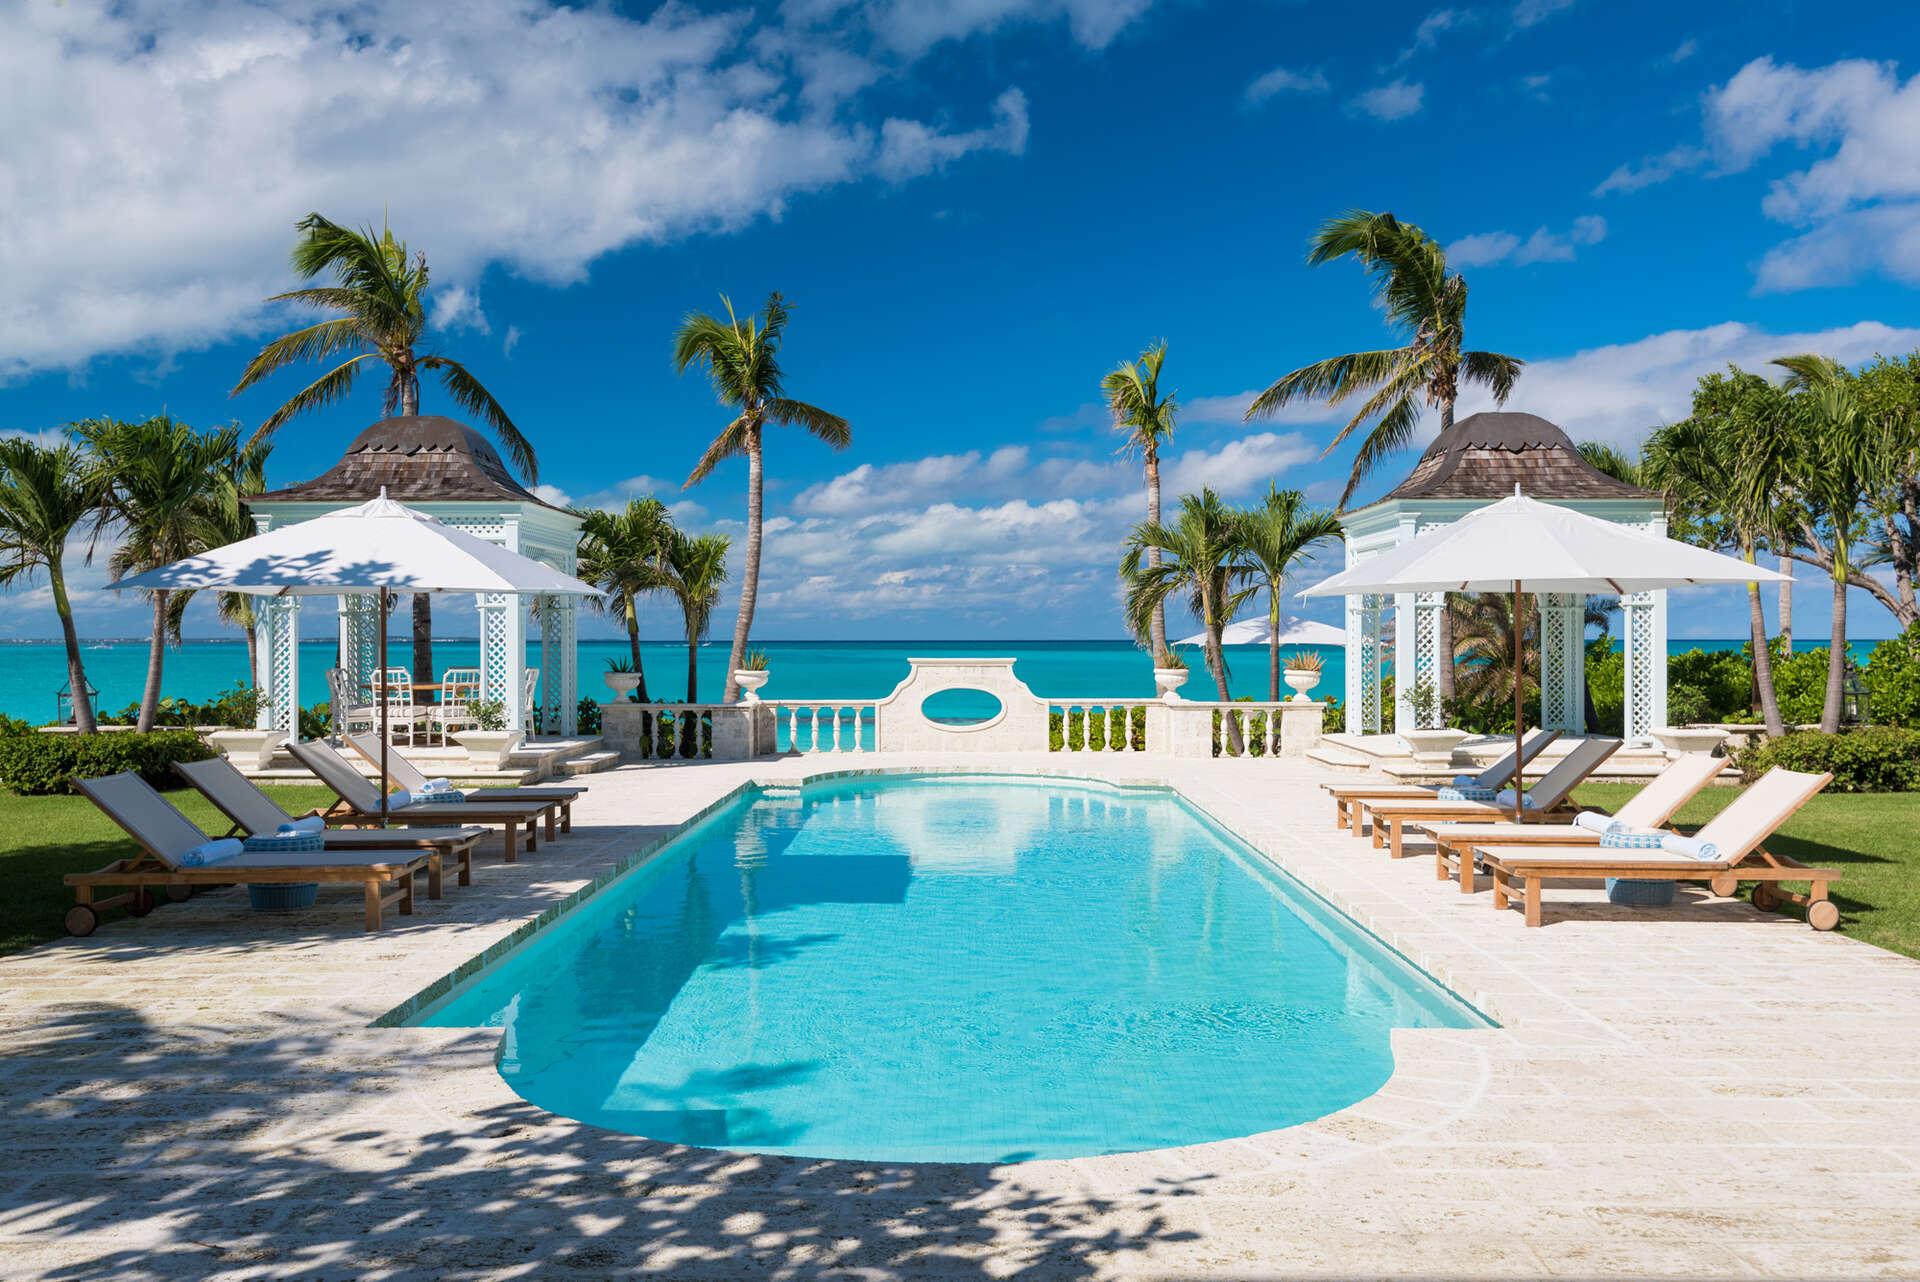 - Coral Pavilion - Image 1/37